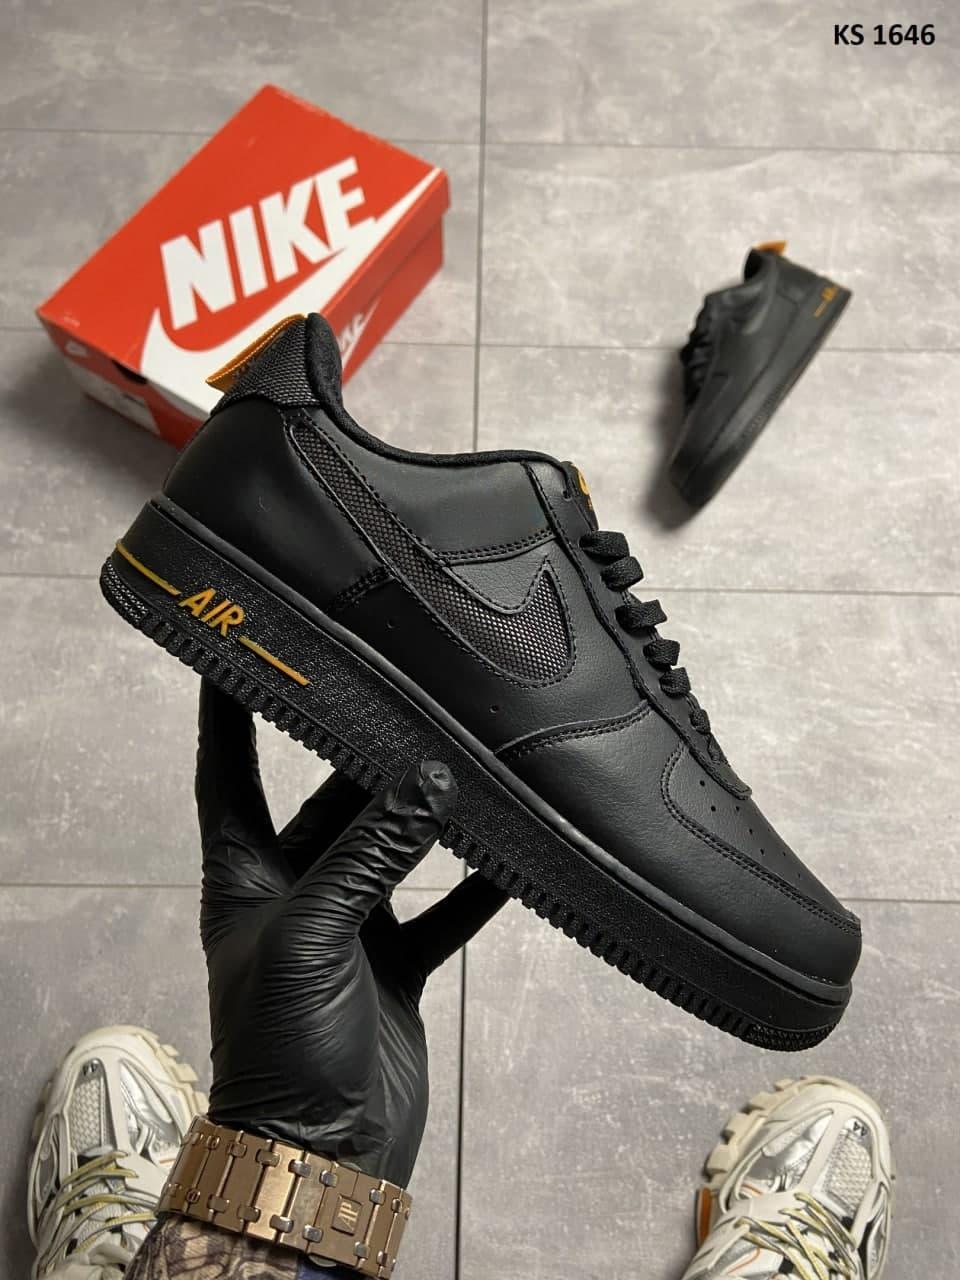 Мужские кроссовки Nike Air Force 1 Low Black Orange (черные) спортивная стильная обувь KS 1646